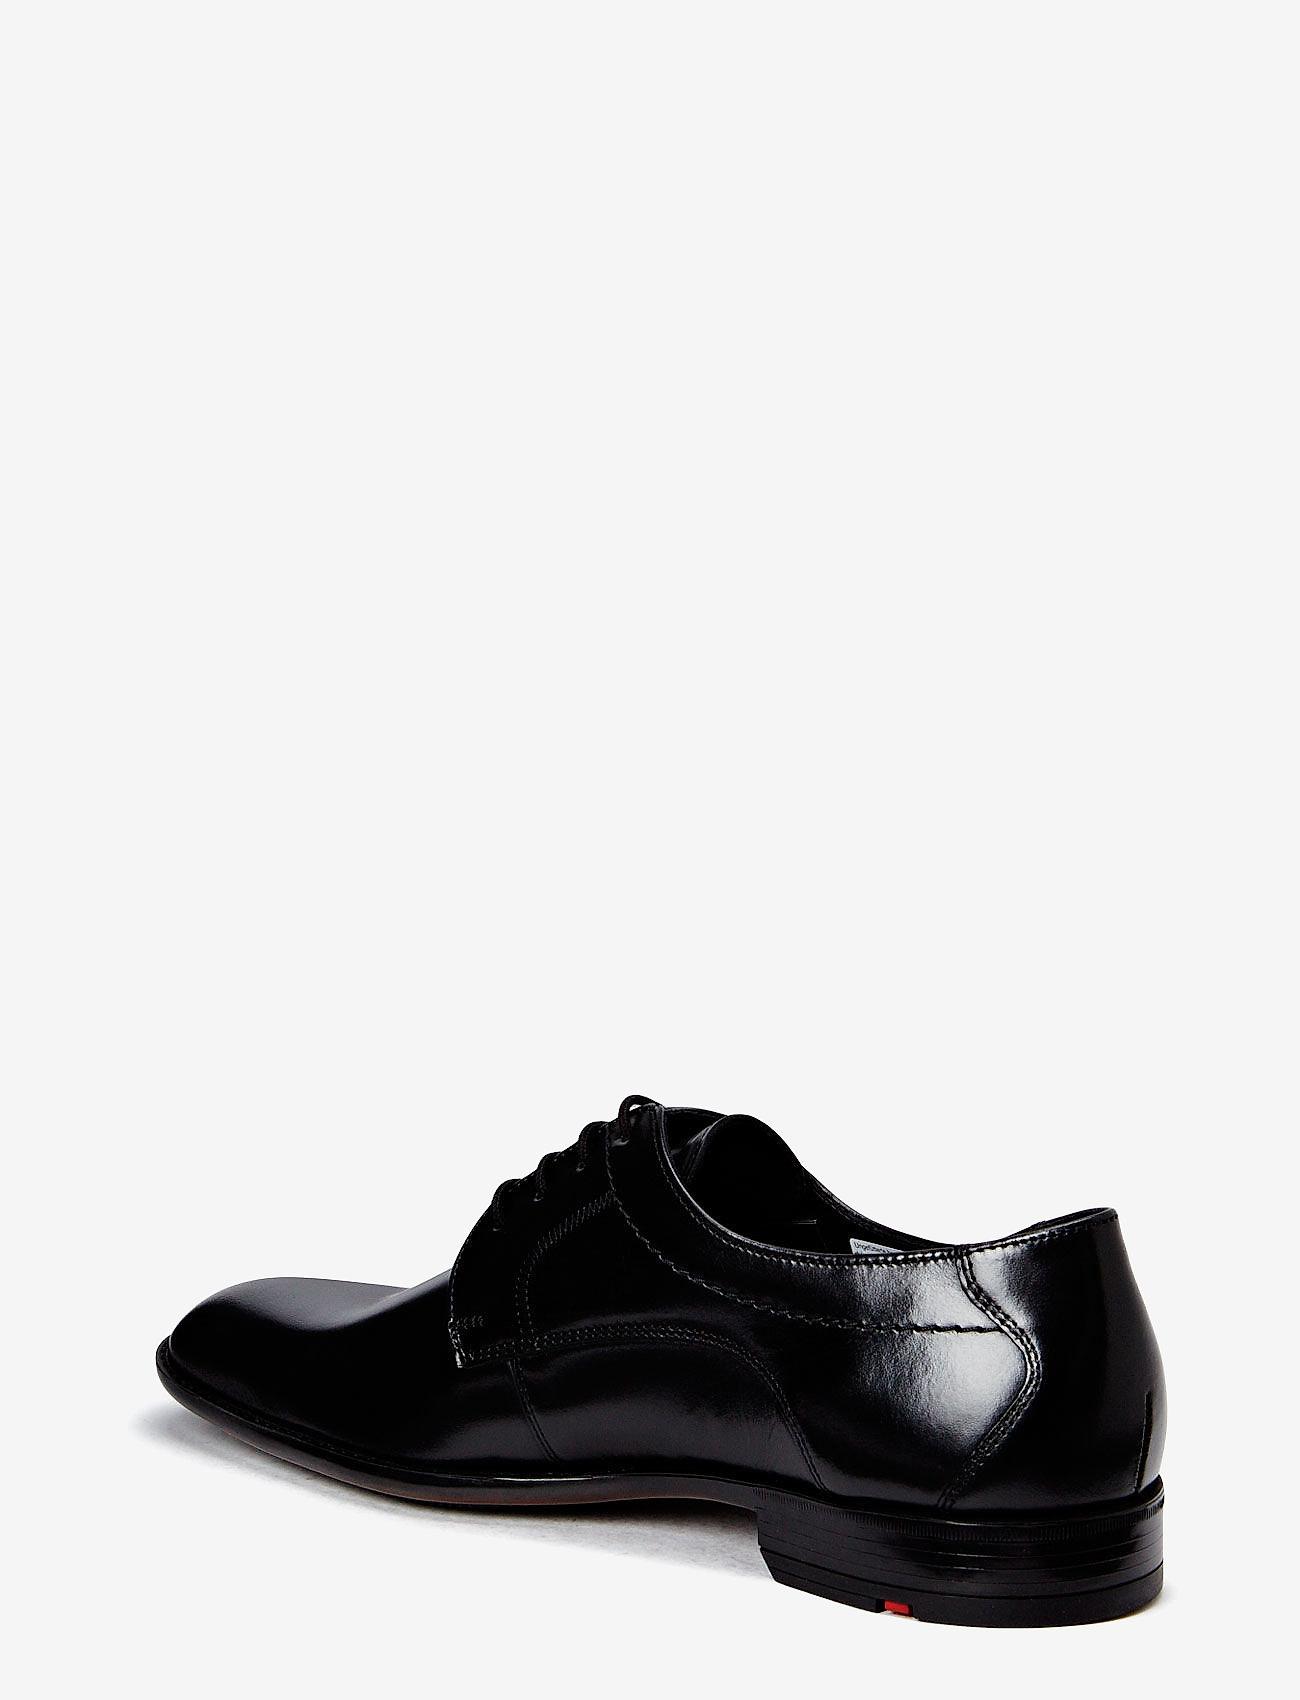 Lloyd - GARVIN - Šņorējamas kurpes - schwarz - 1